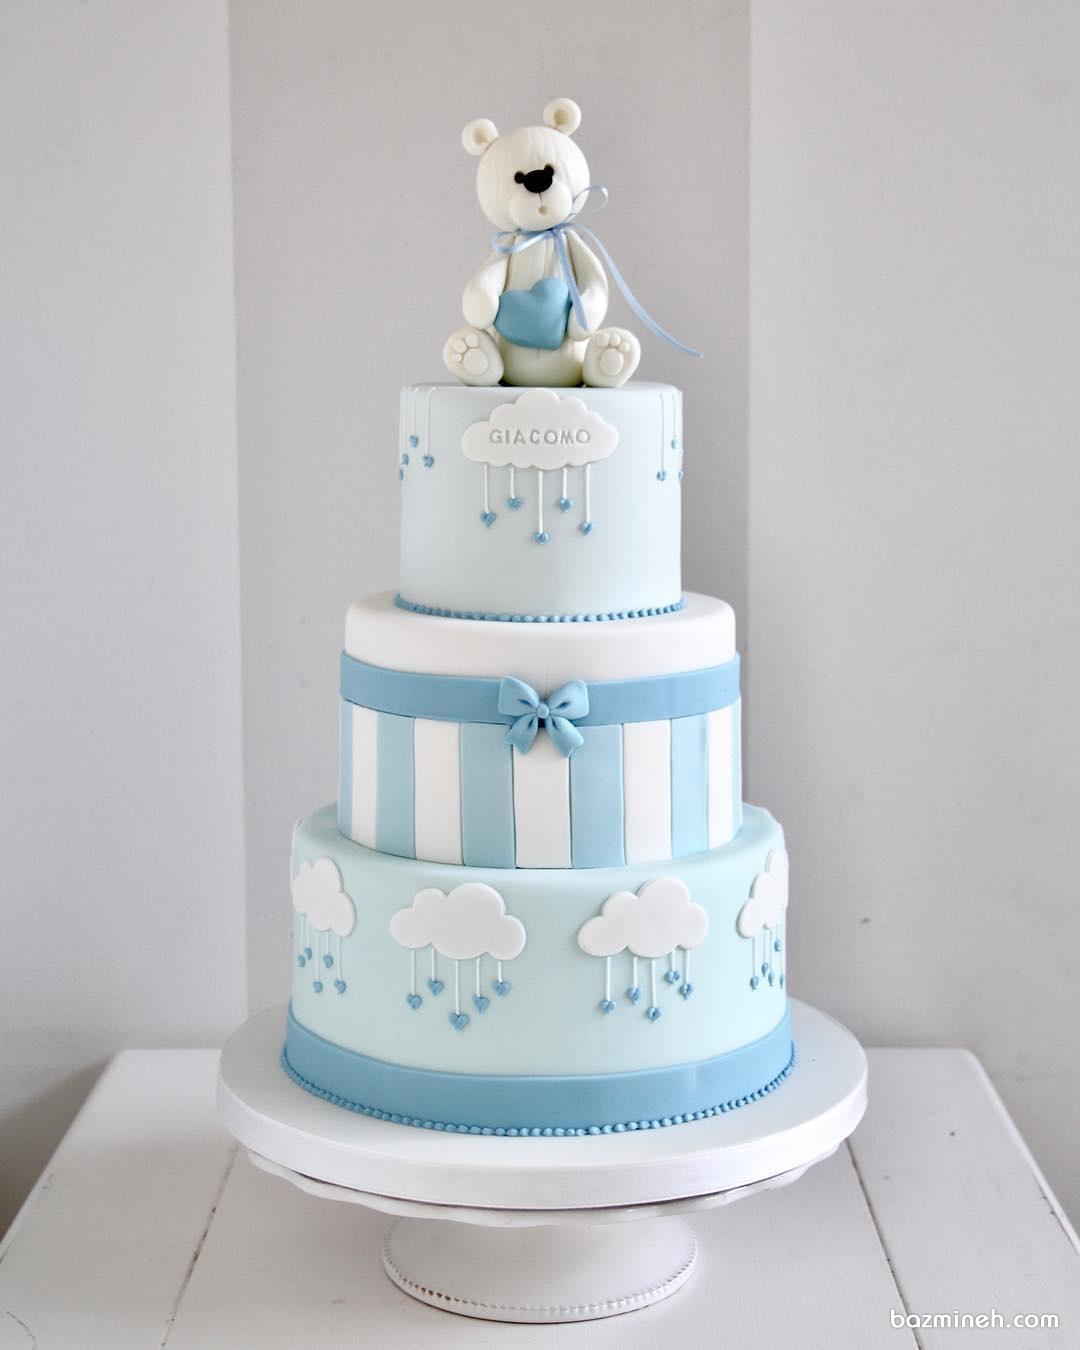 کیک فوندانت خرس دار مناسب برای جشن بیبی شاور یا تولد پسرانه با تم سفید آبی